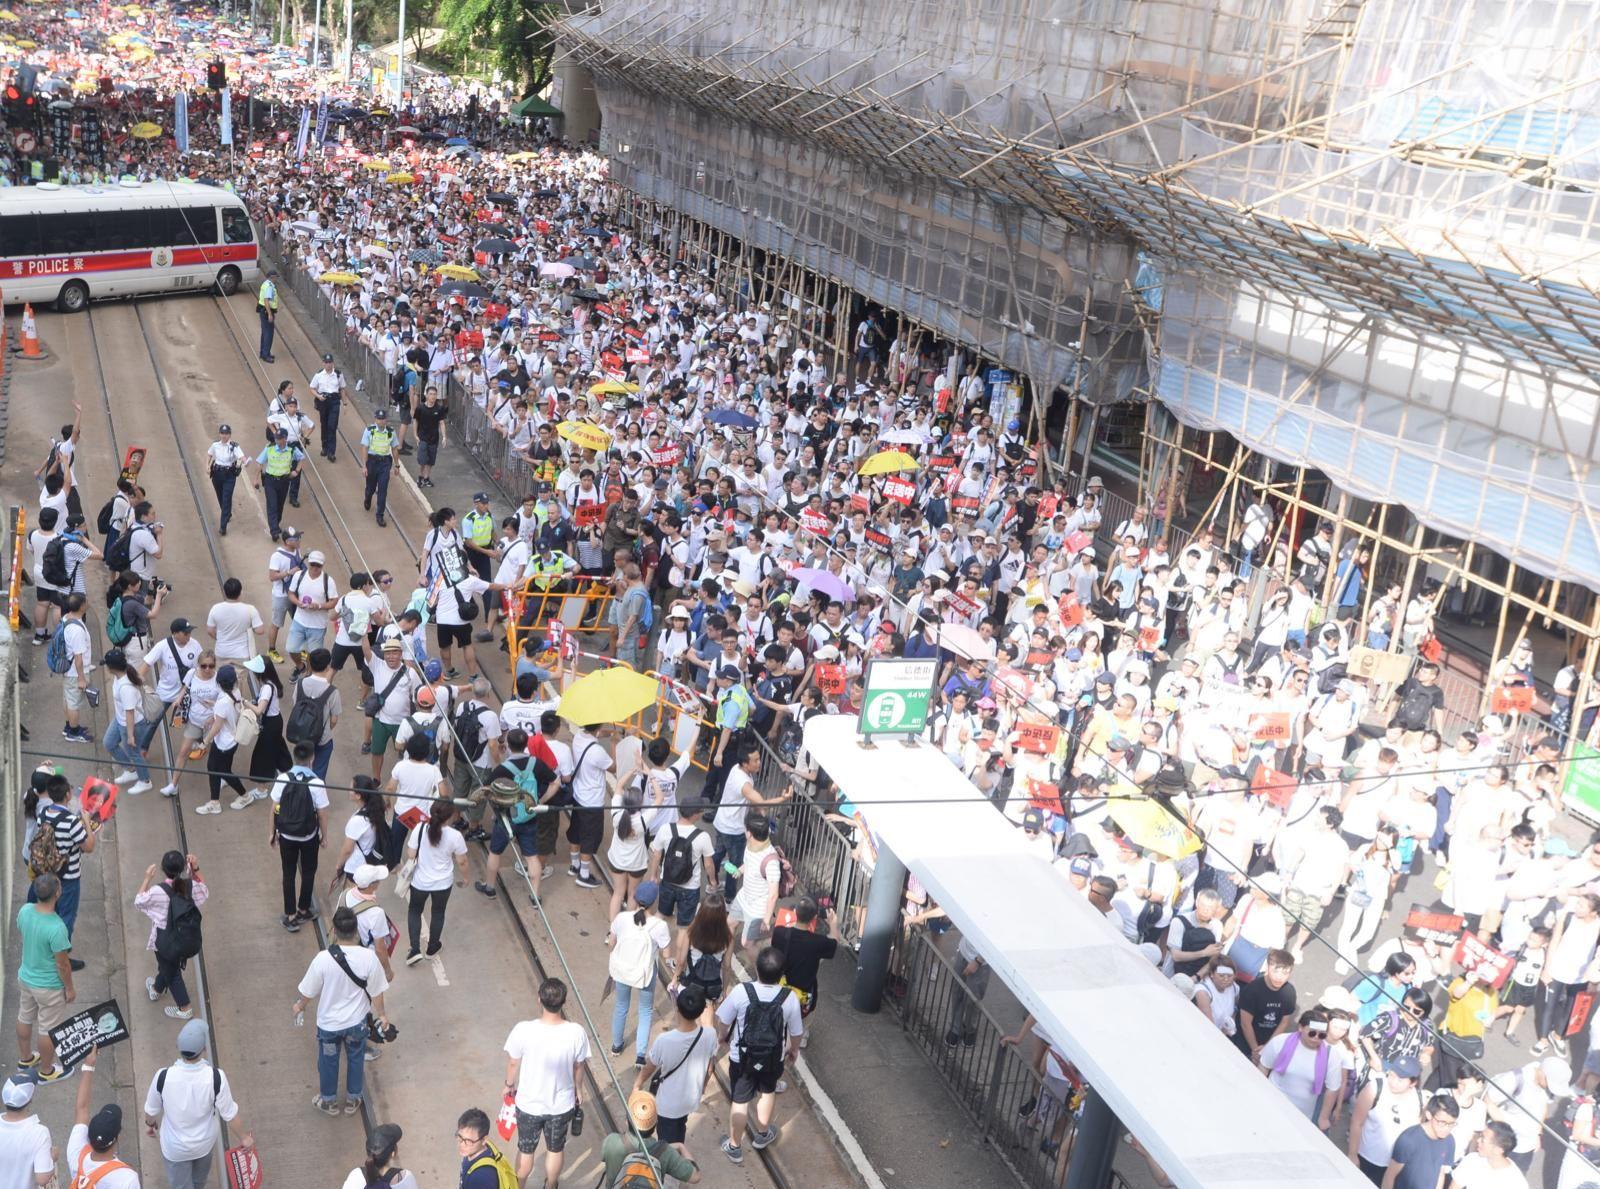 江永祥表示,銅鑼灣有大量街站,導致遊行的進度緩慢。